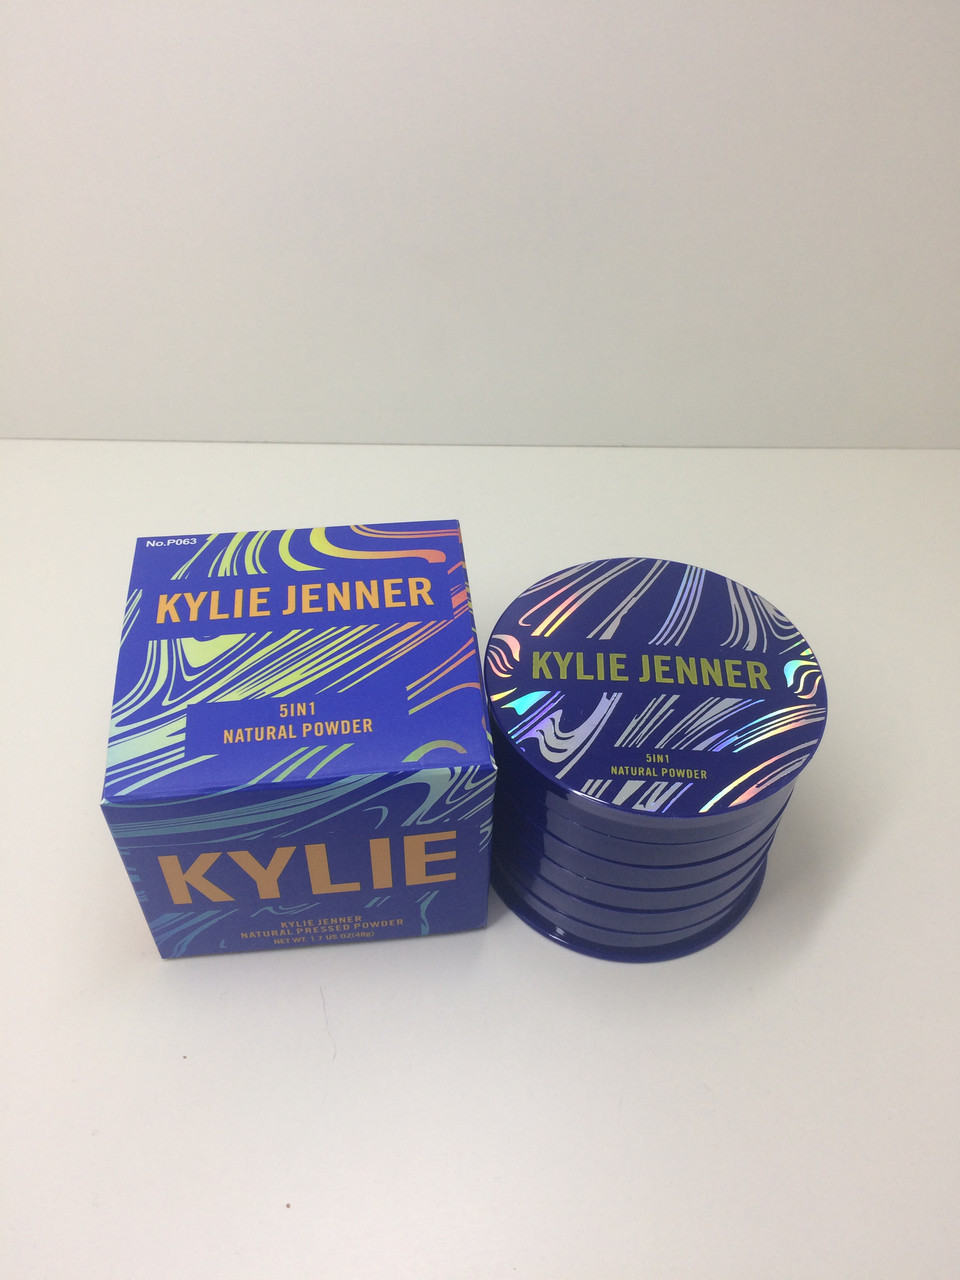 Компактная пудра для лица Kylie Jenner Natural Powder 5in1